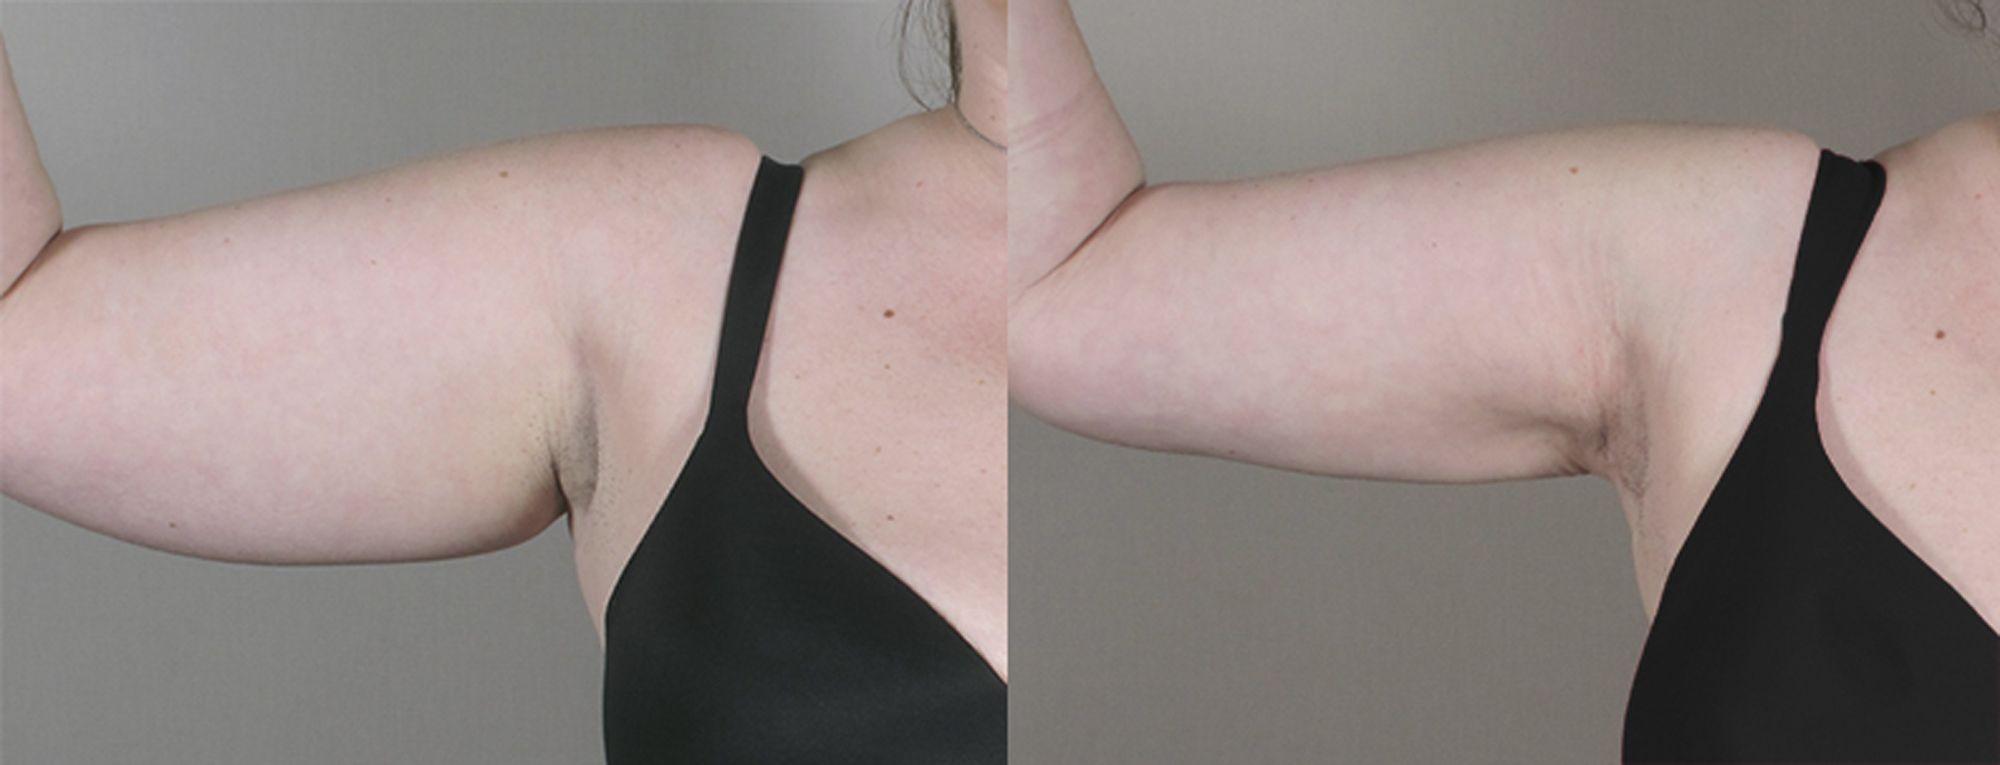 liposucción de brazos - foto 1